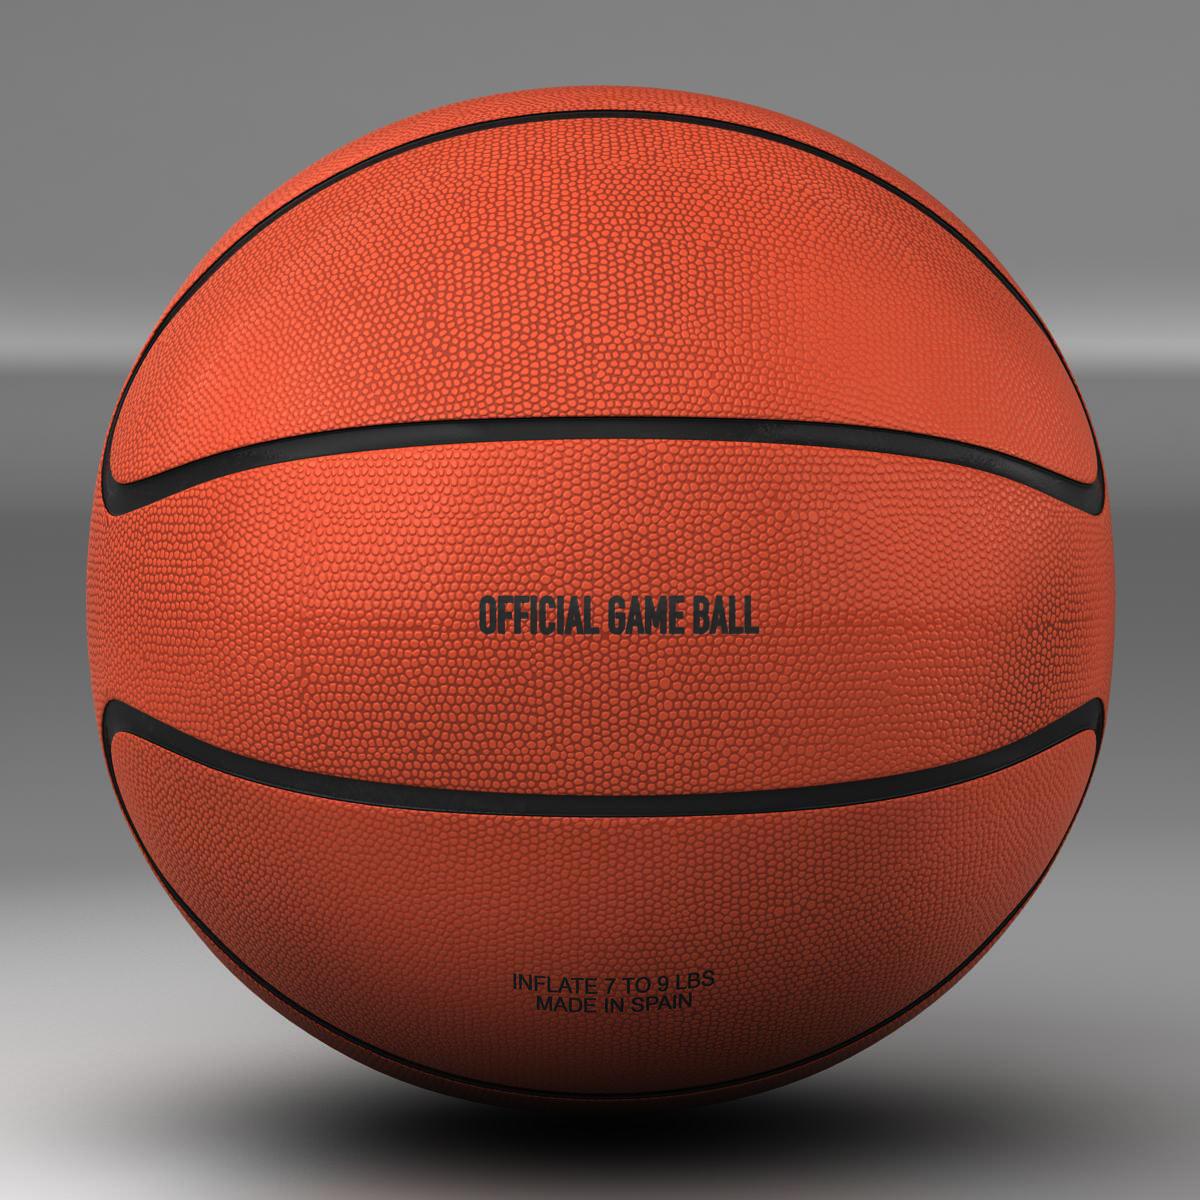 košarkaška lopta zvijezda narančasta 3d model 3ds max fbx c4d ma mb obj 165716